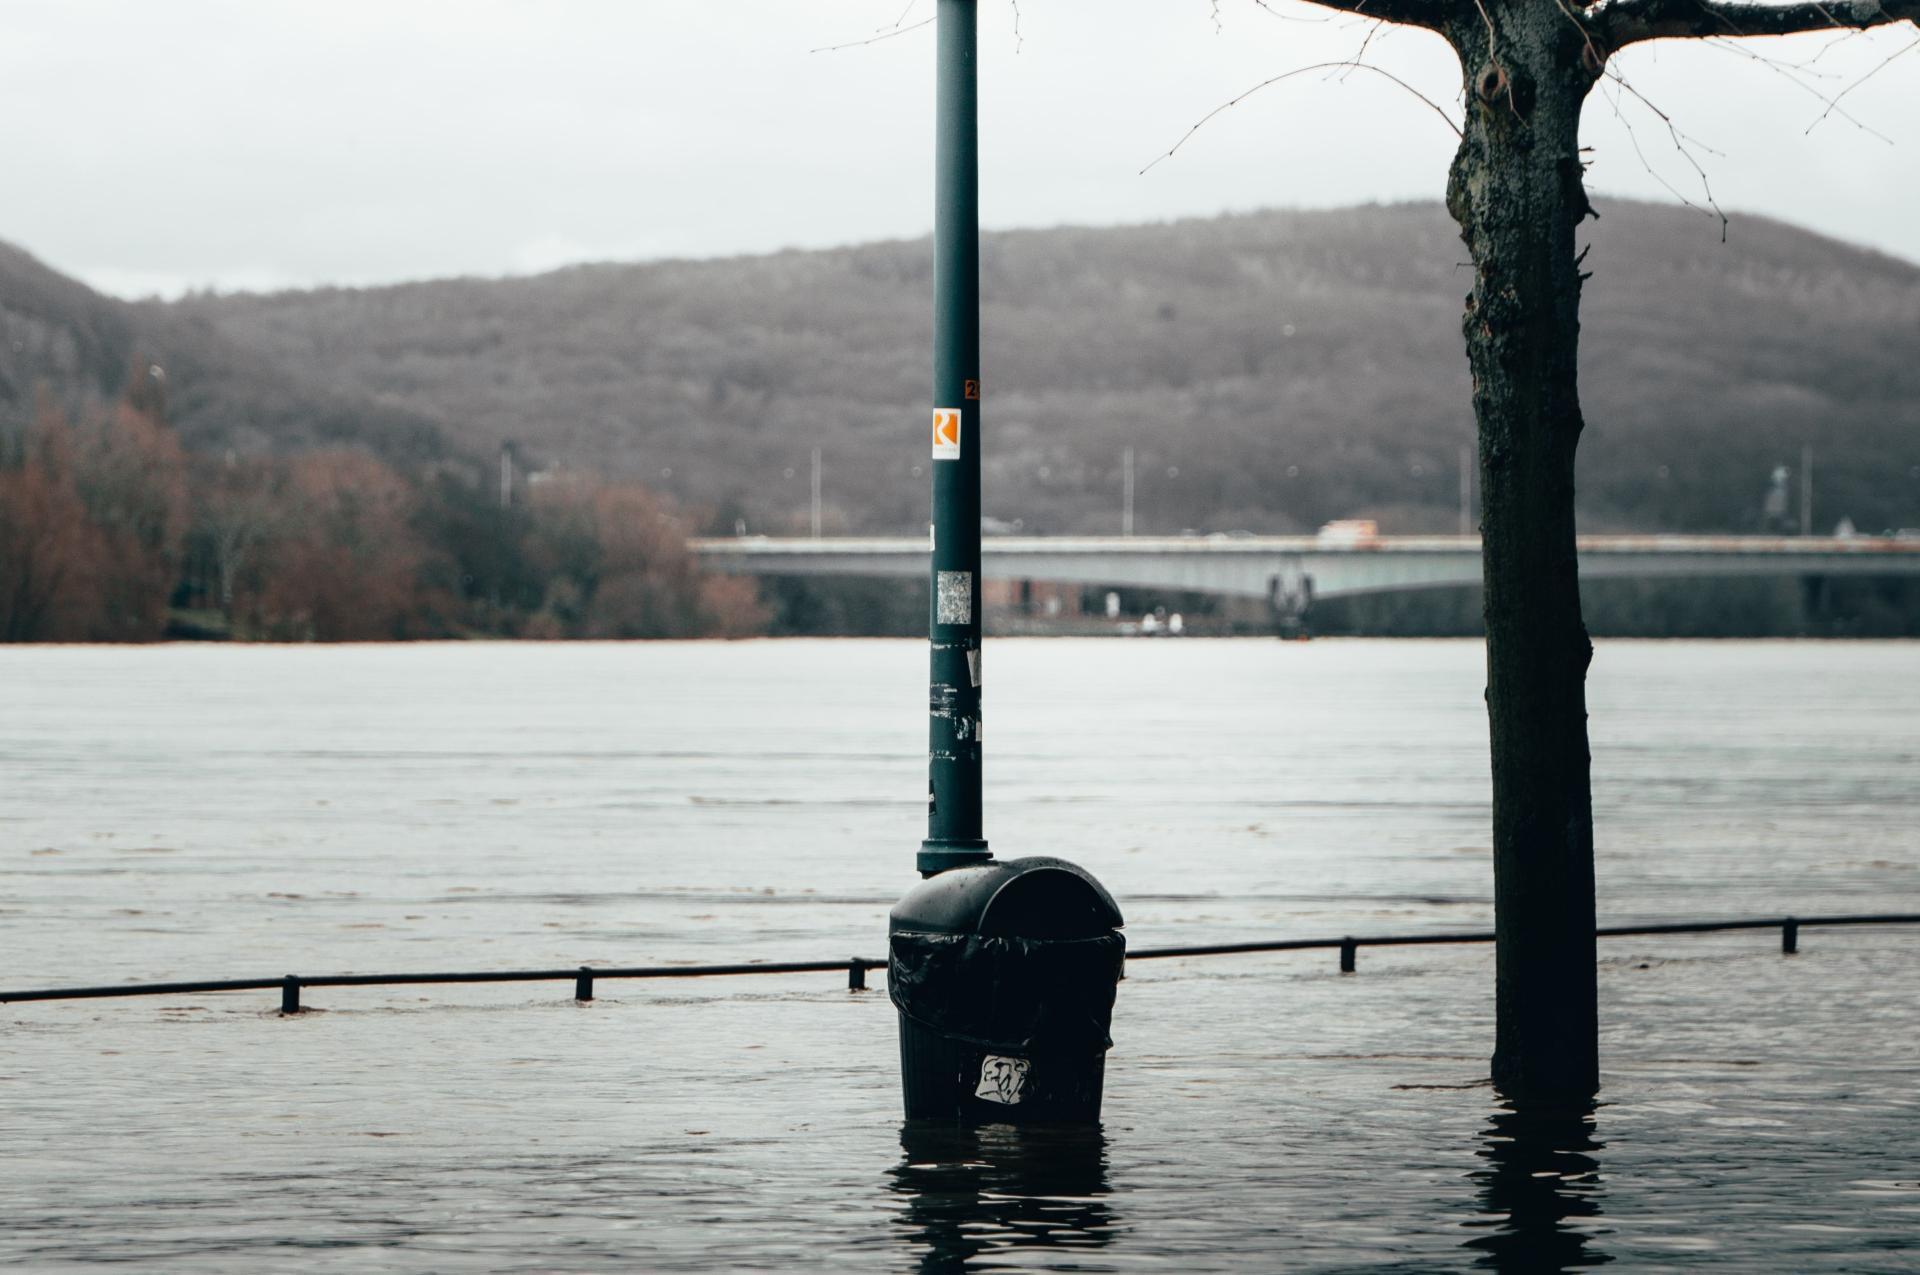 Überflutung (c) Bild von Fethiopia auf Pixabay.com